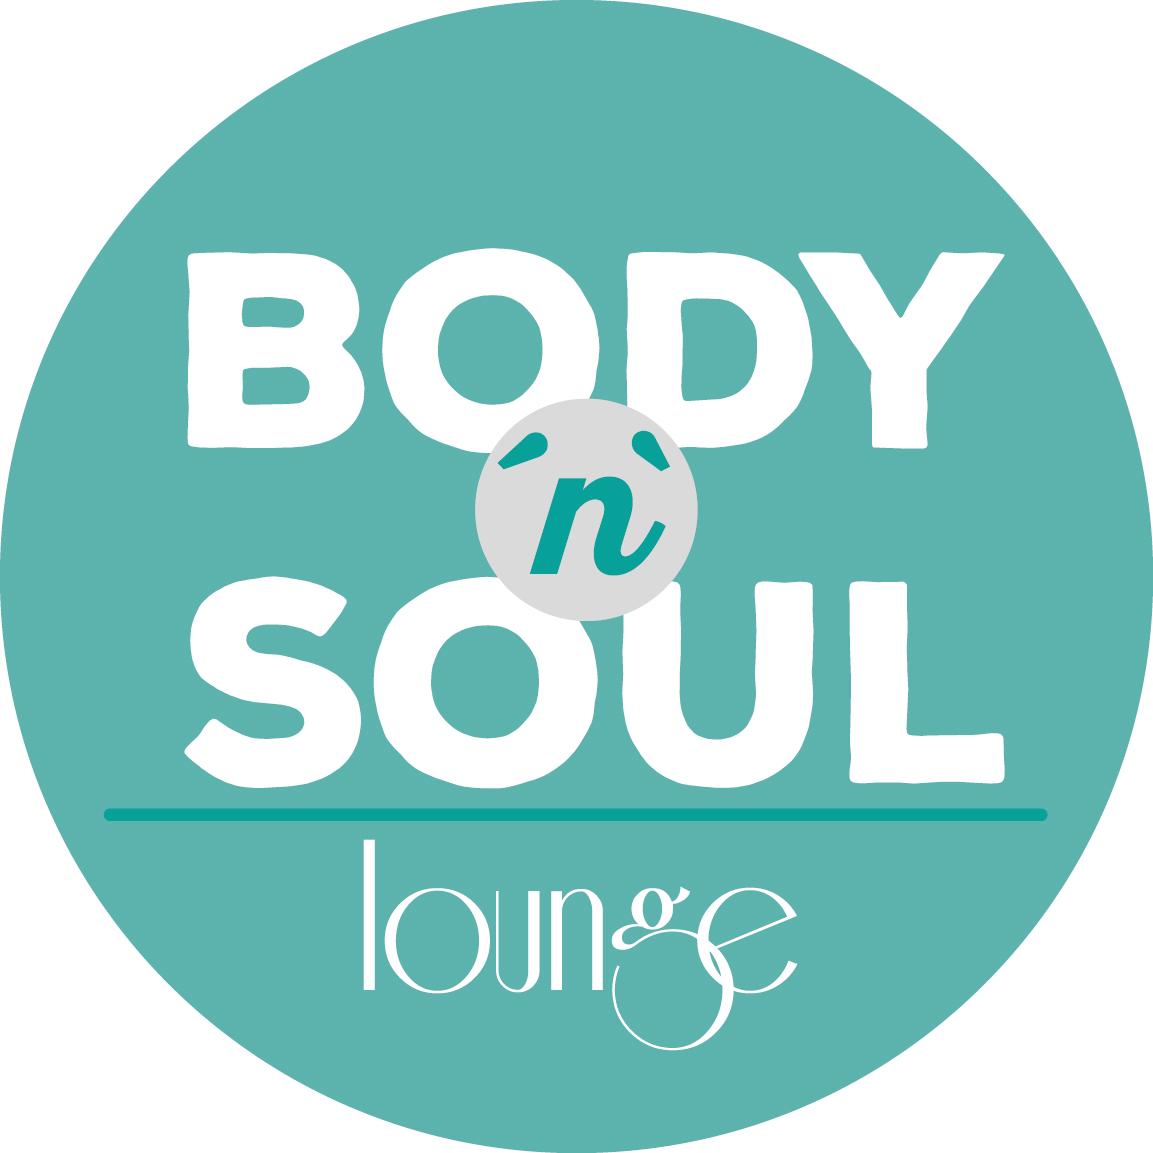 Body ´n` Soul Lounge